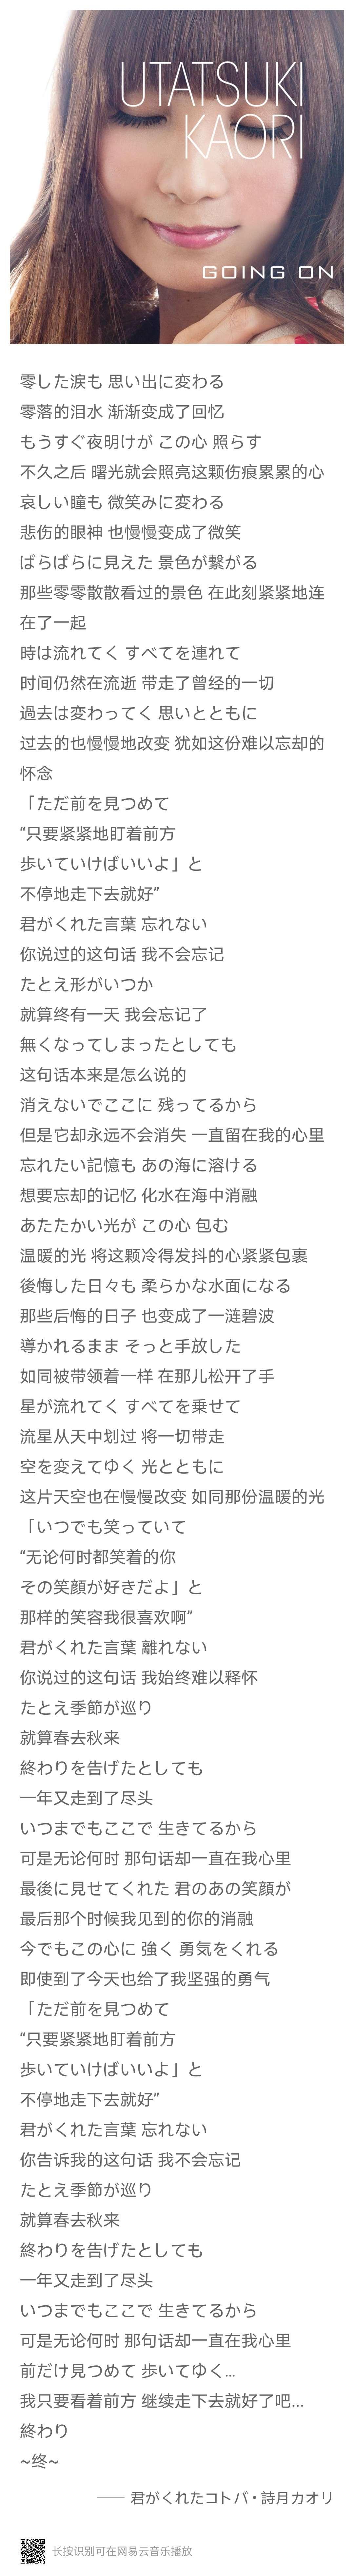 【音乐】君がくれたコトバ